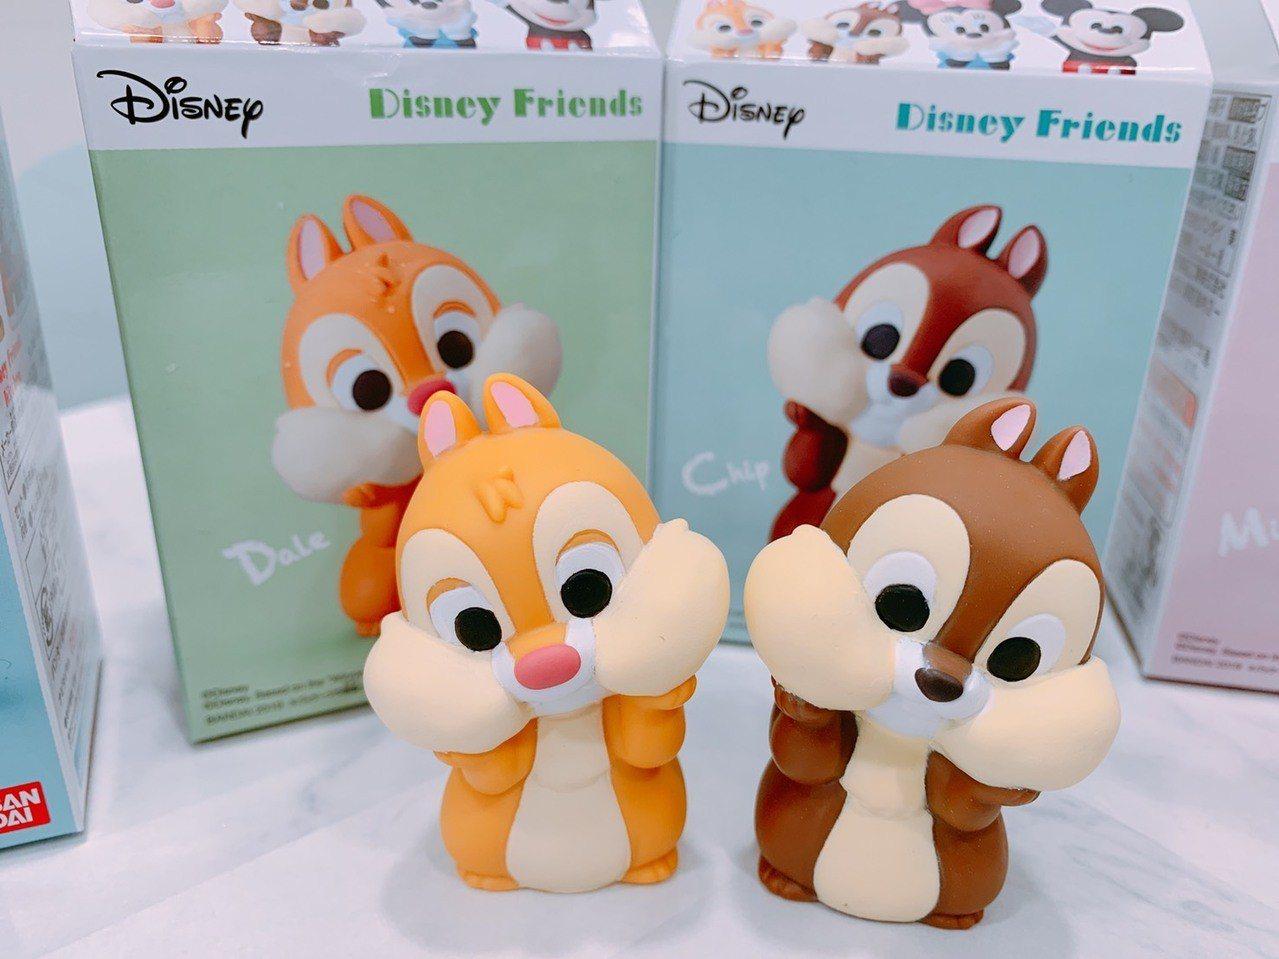 7-ELEVEN獨家限量販售「迪士尼好朋友們軟膠公仔」,共8款,售價皆為150元...